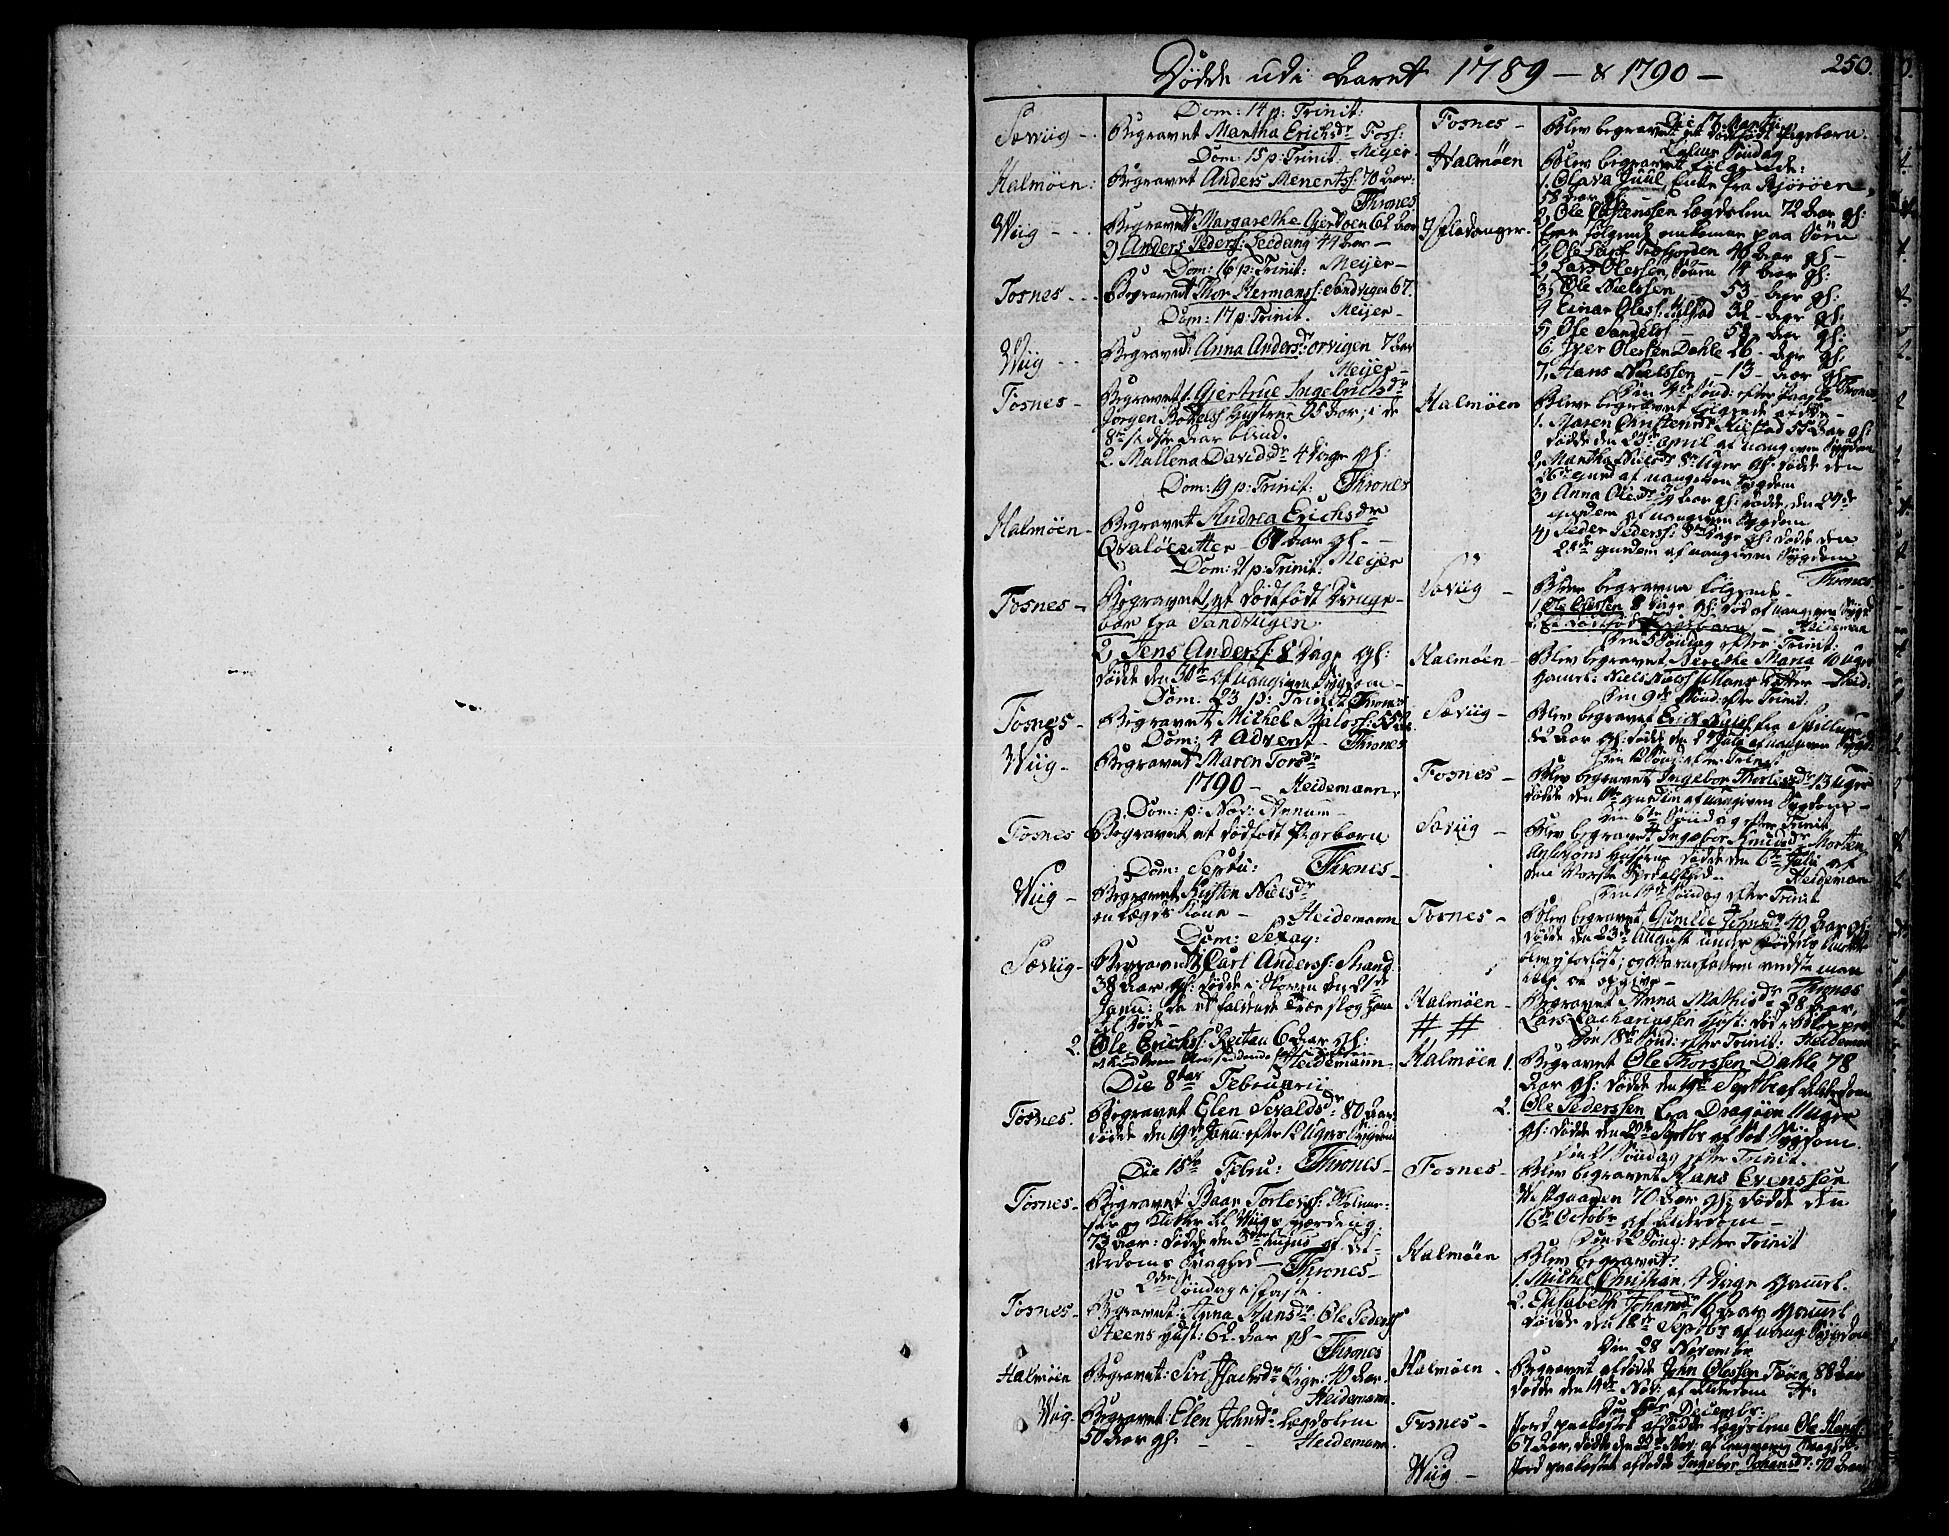 SAT, Ministerialprotokoller, klokkerbøker og fødselsregistre - Nord-Trøndelag, 773/L0608: Ministerialbok nr. 773A02, 1784-1816, s. 250